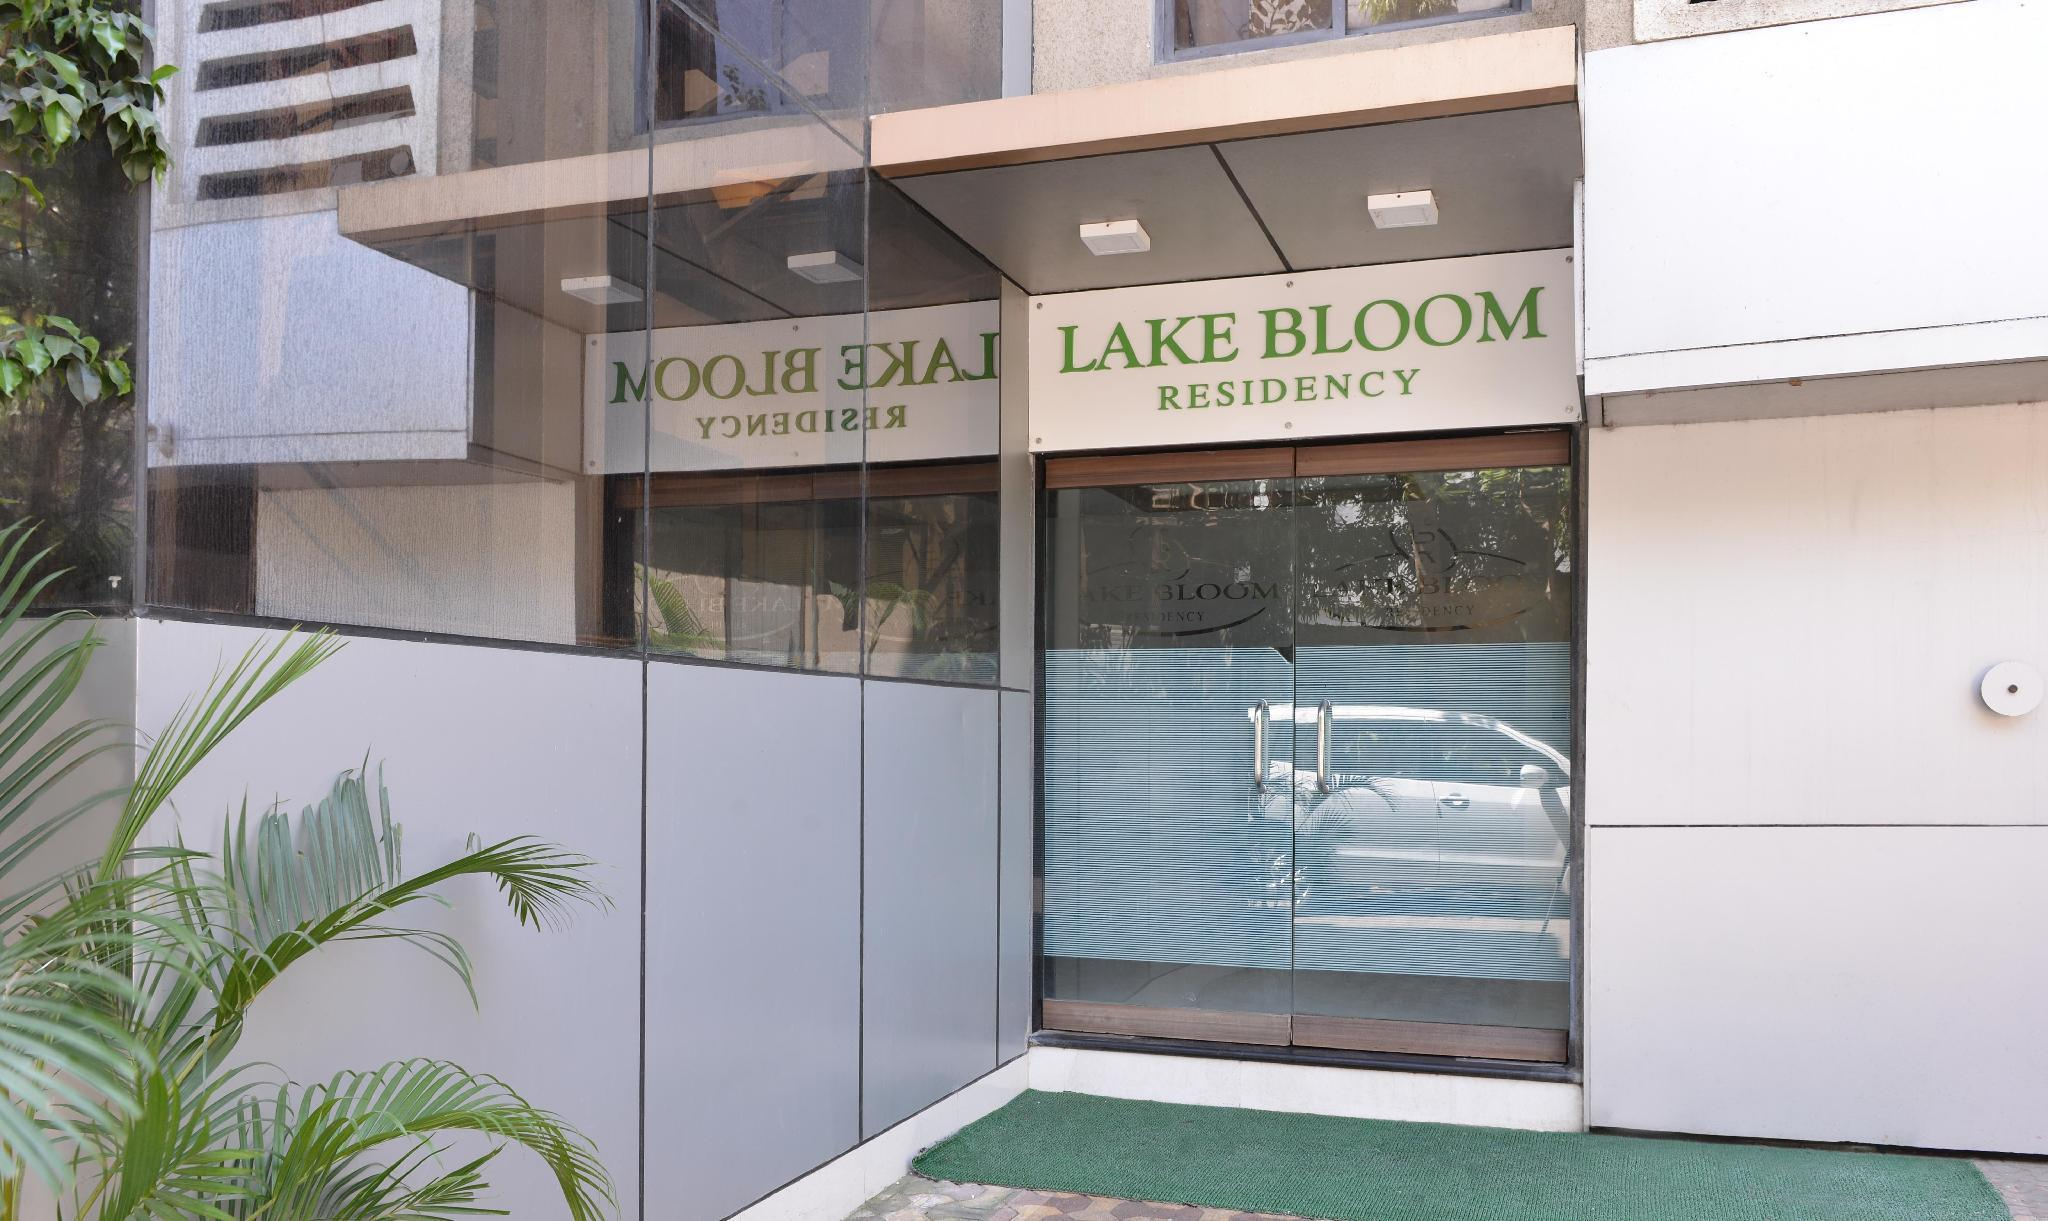 Lake Bloom Residency Powai